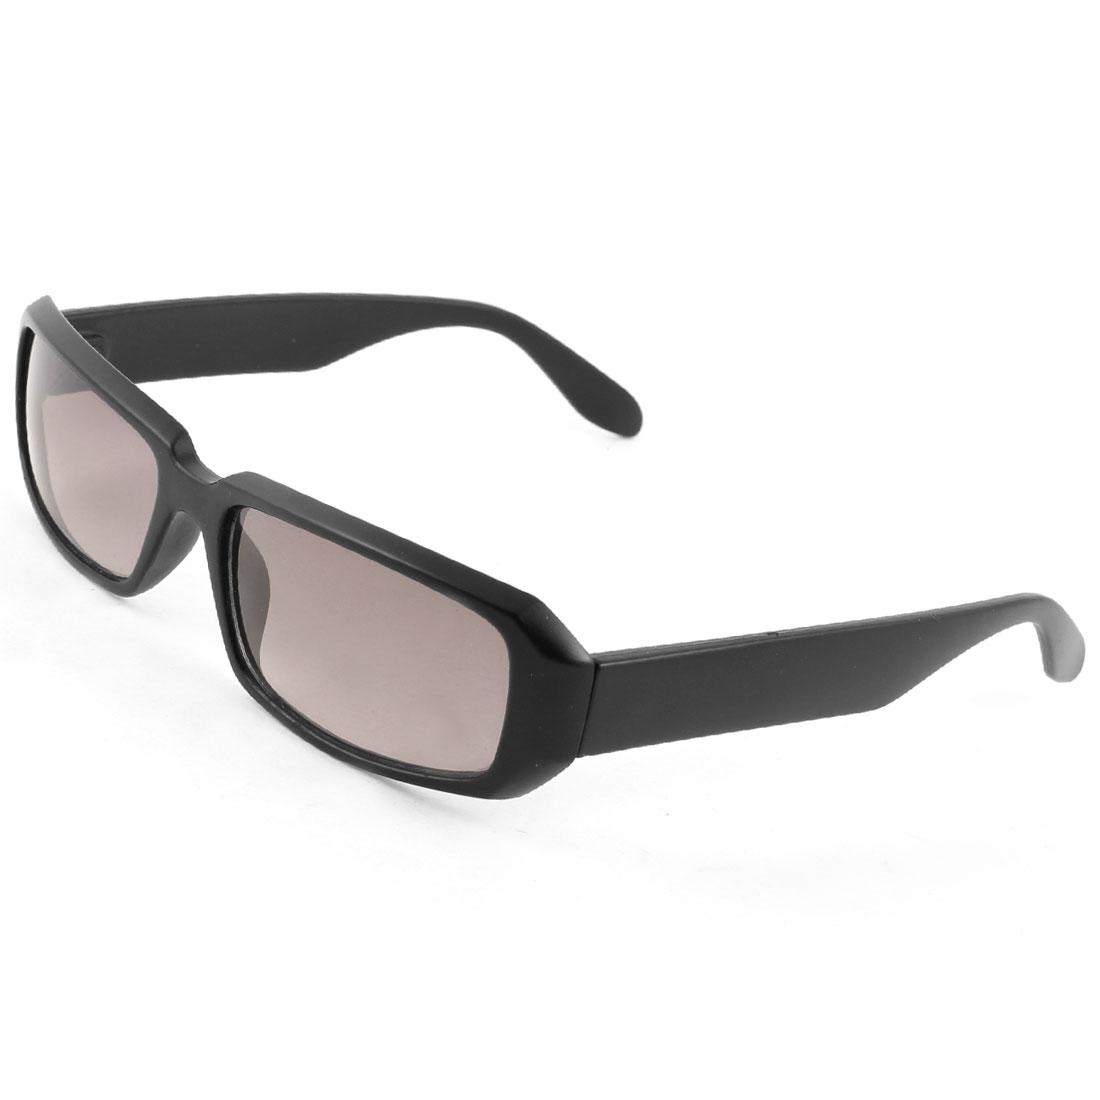 Outside Rectangle Black Full Rim Wide Arm Burgundy Lens Sunglasses for Ladies